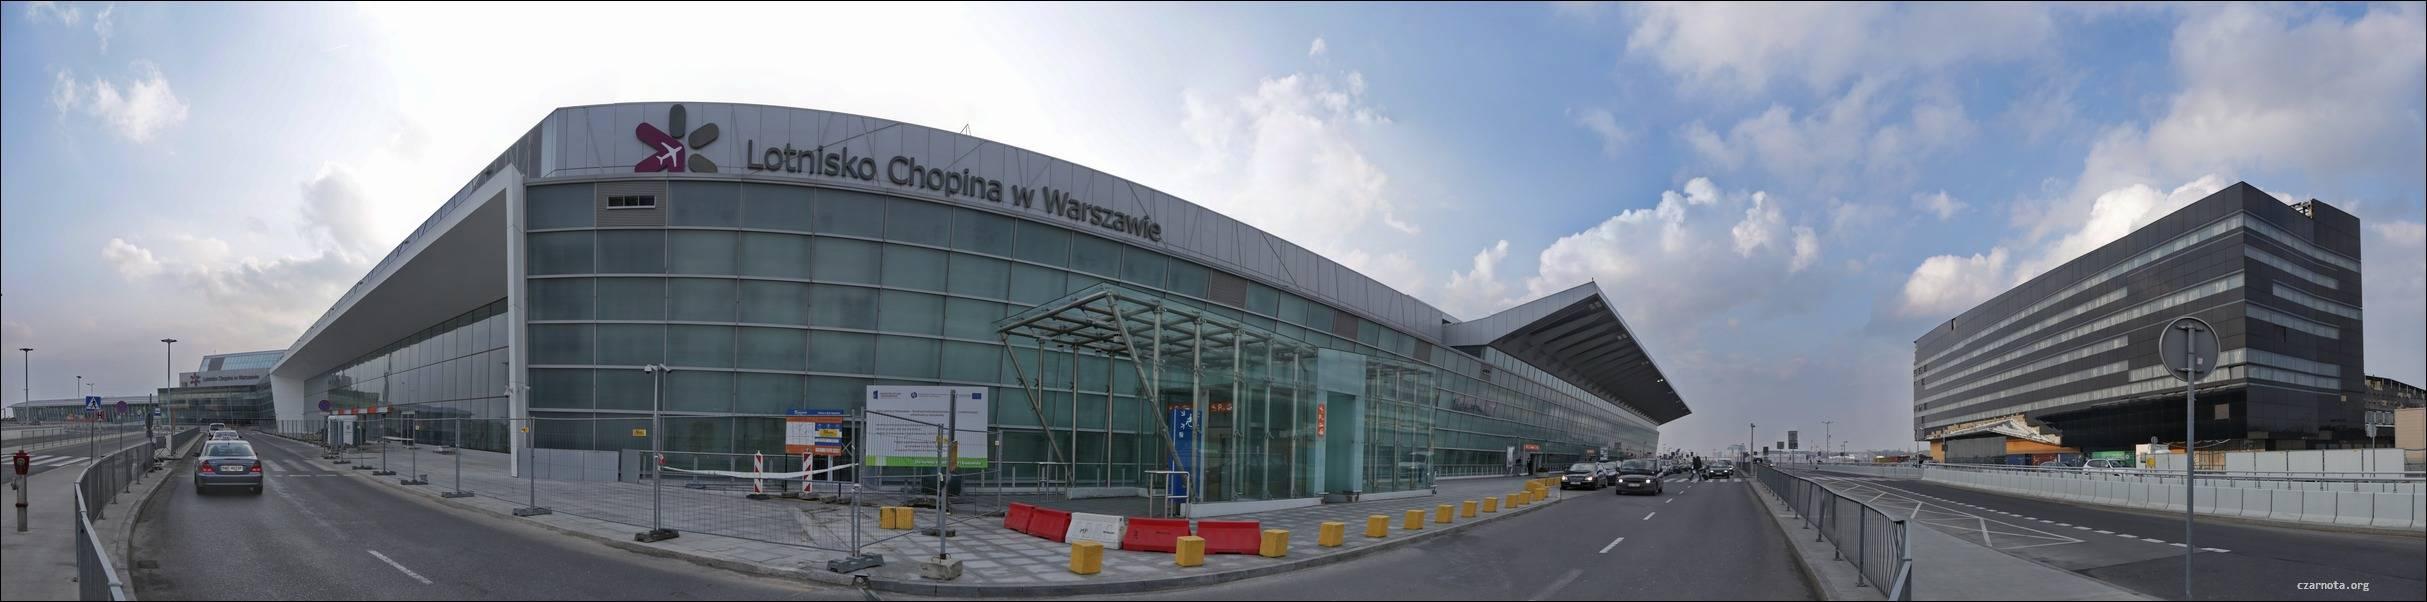 Схема аэропорта варшавы на русском языке